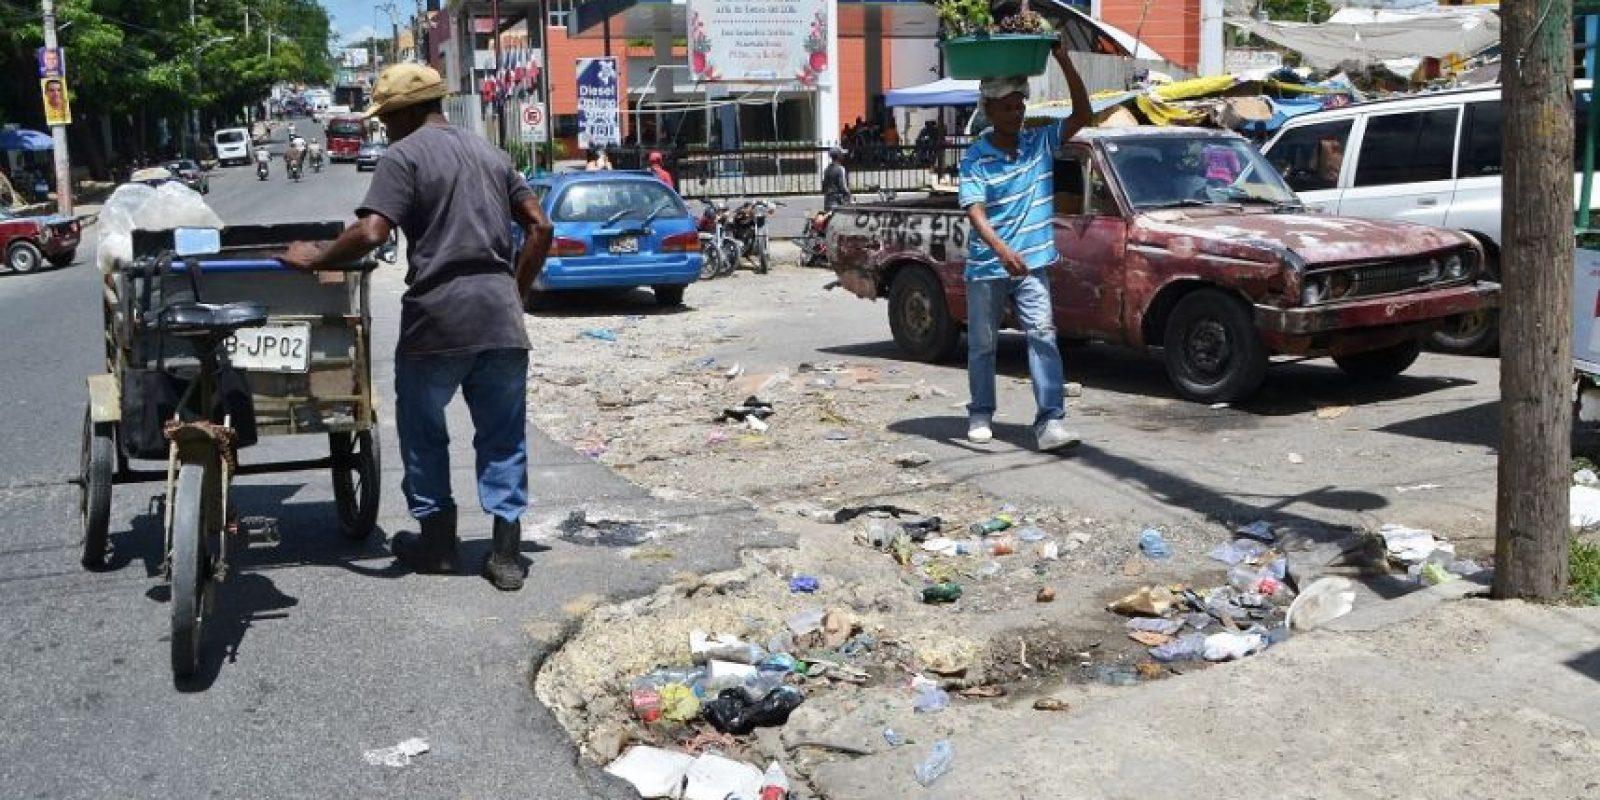 Los ciudadanos viven entre basura, calles destruídas y un mercado colapsado. Foto:Mario de Peña